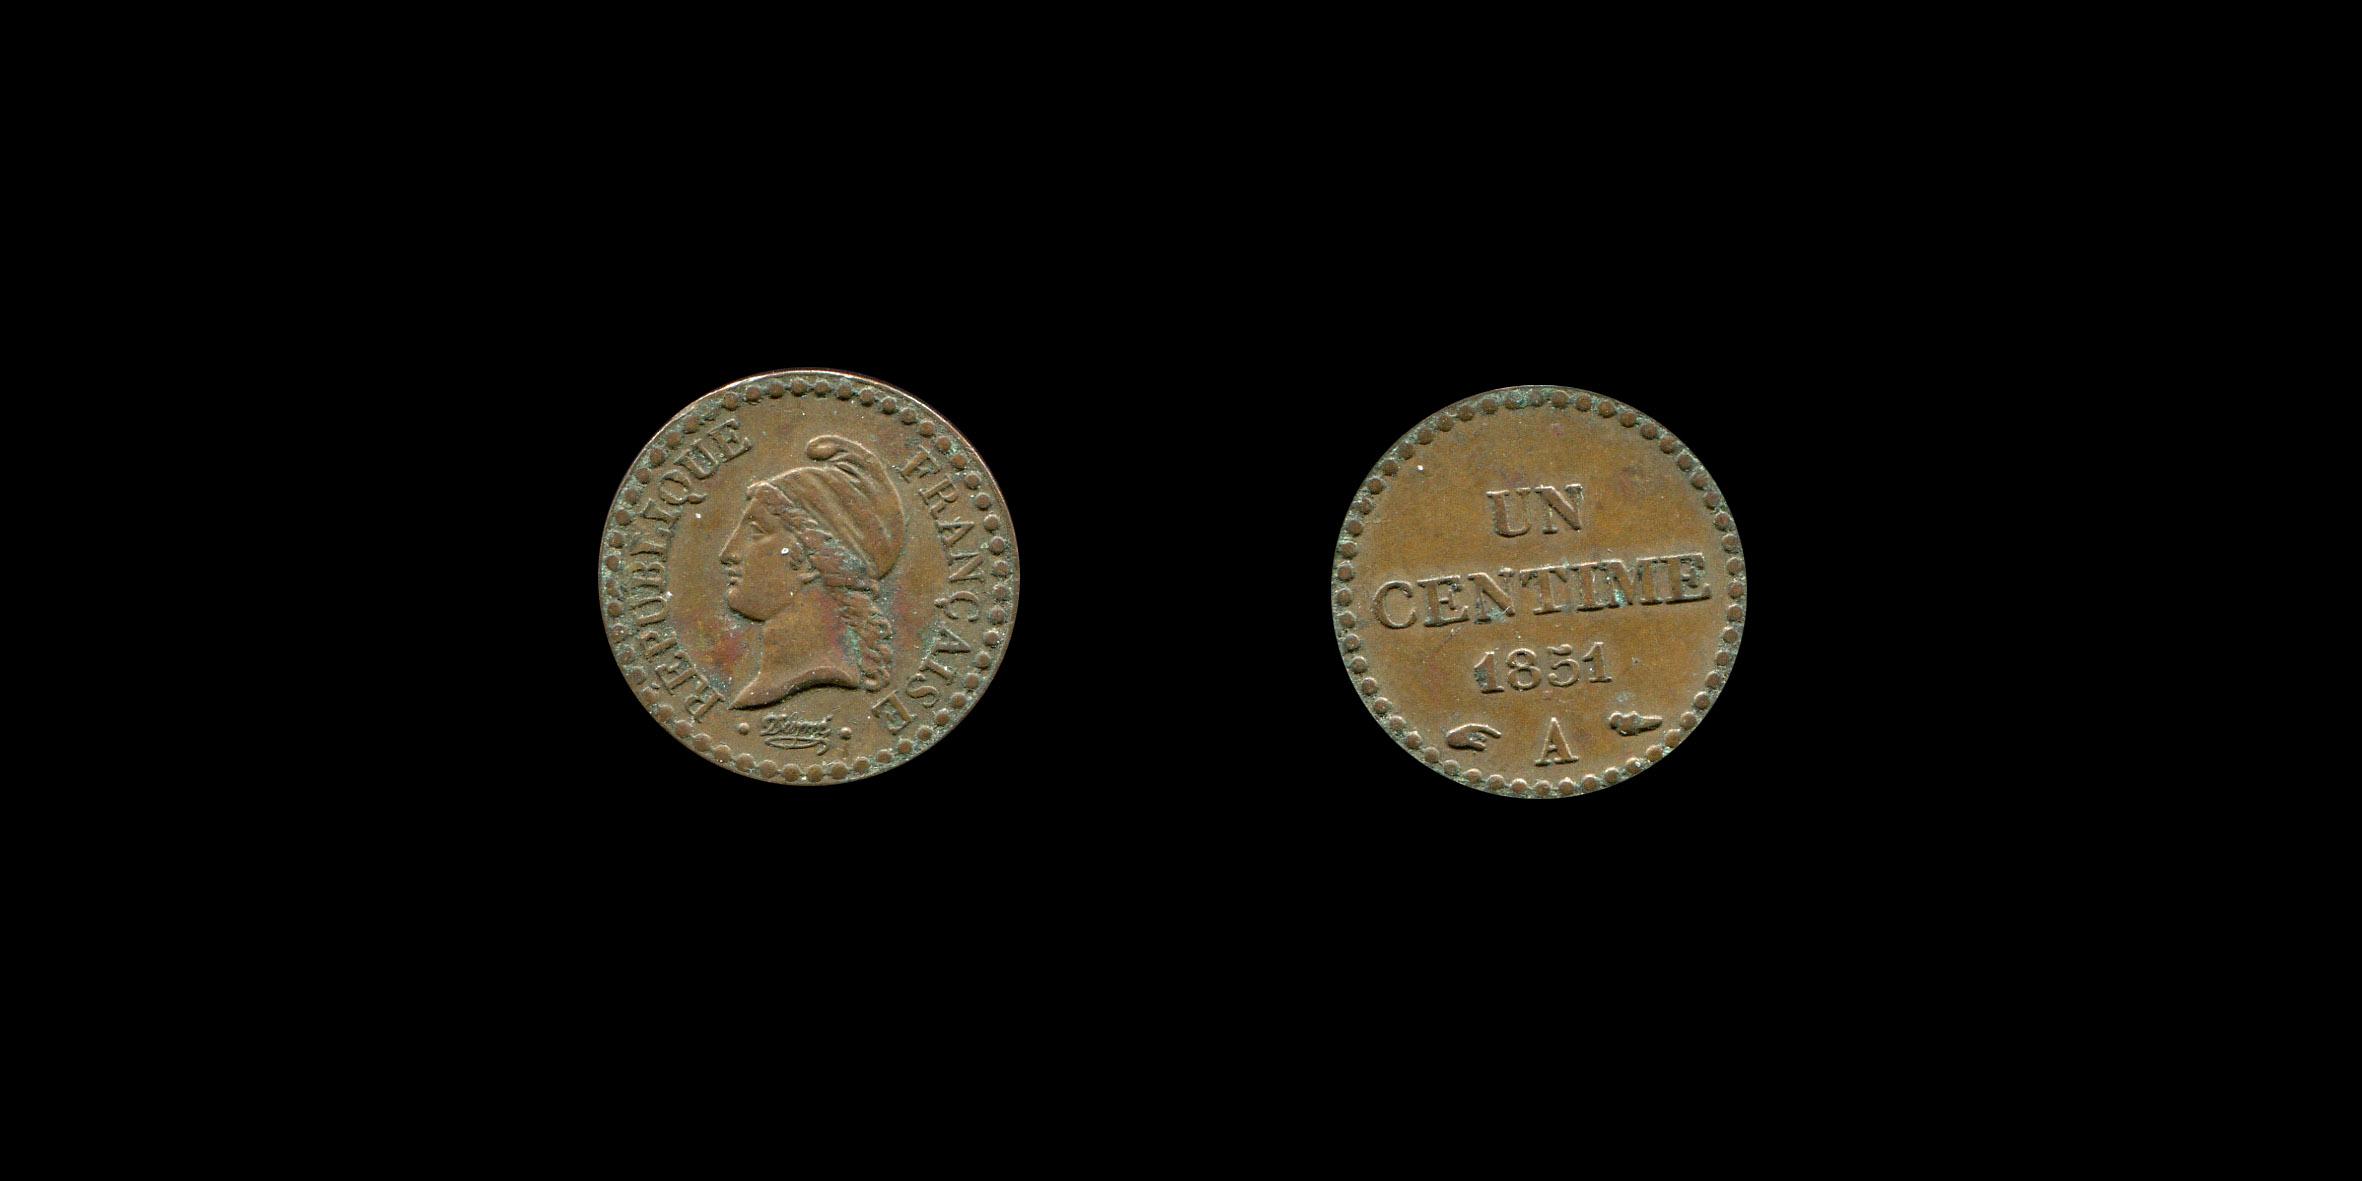 Deuxième République un centime type Dupré_0